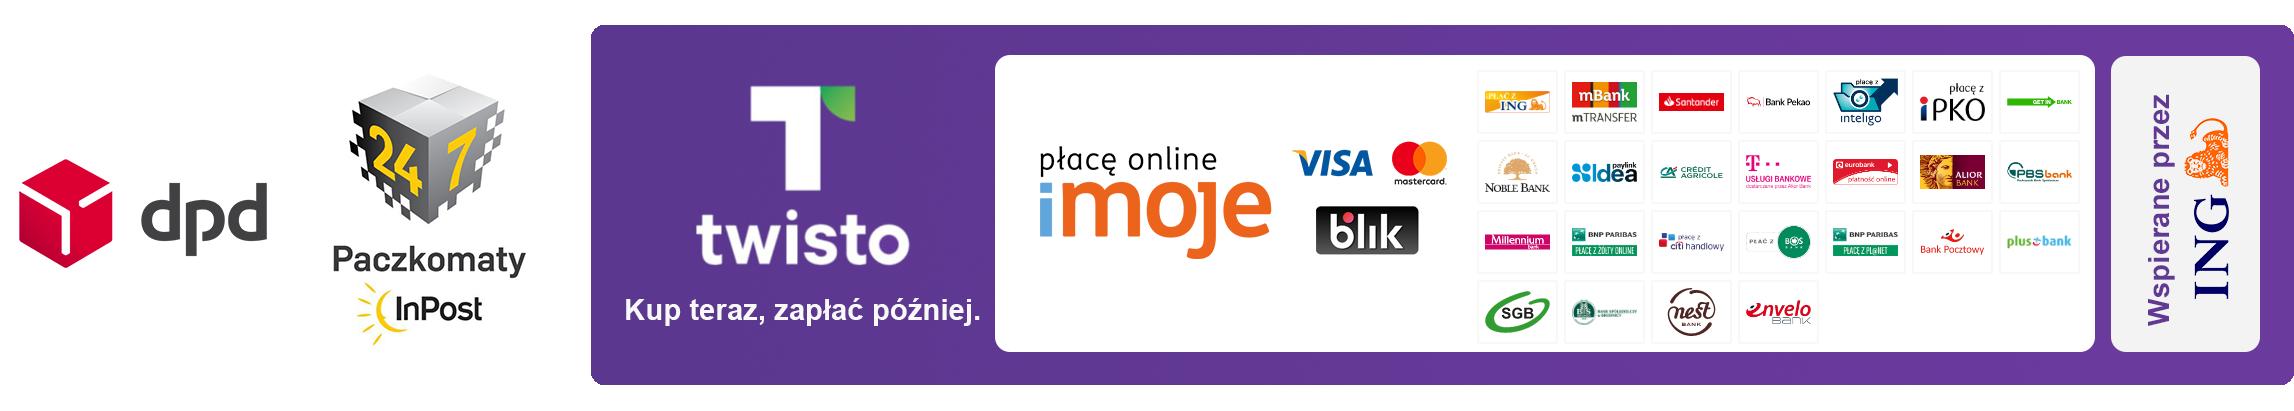 Kup teraz, zapłać później.Płacę online z imoje. Blik, Szybkie płatności. Wspieranie przez ING Bank.